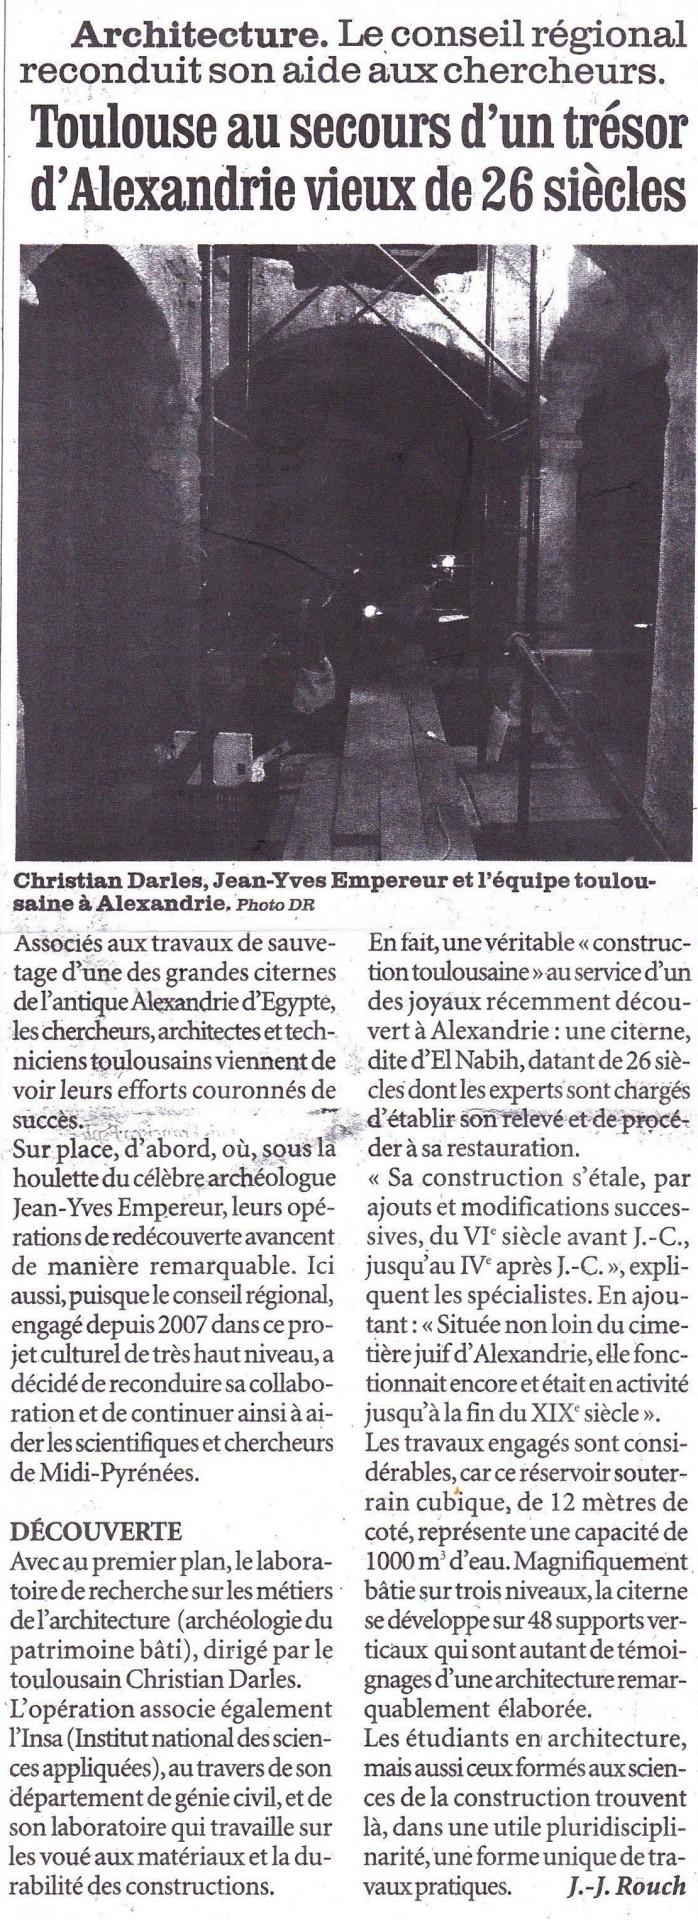 Toulouse au secours d'un trésor d'Alexandrie vieux de 26 siècles